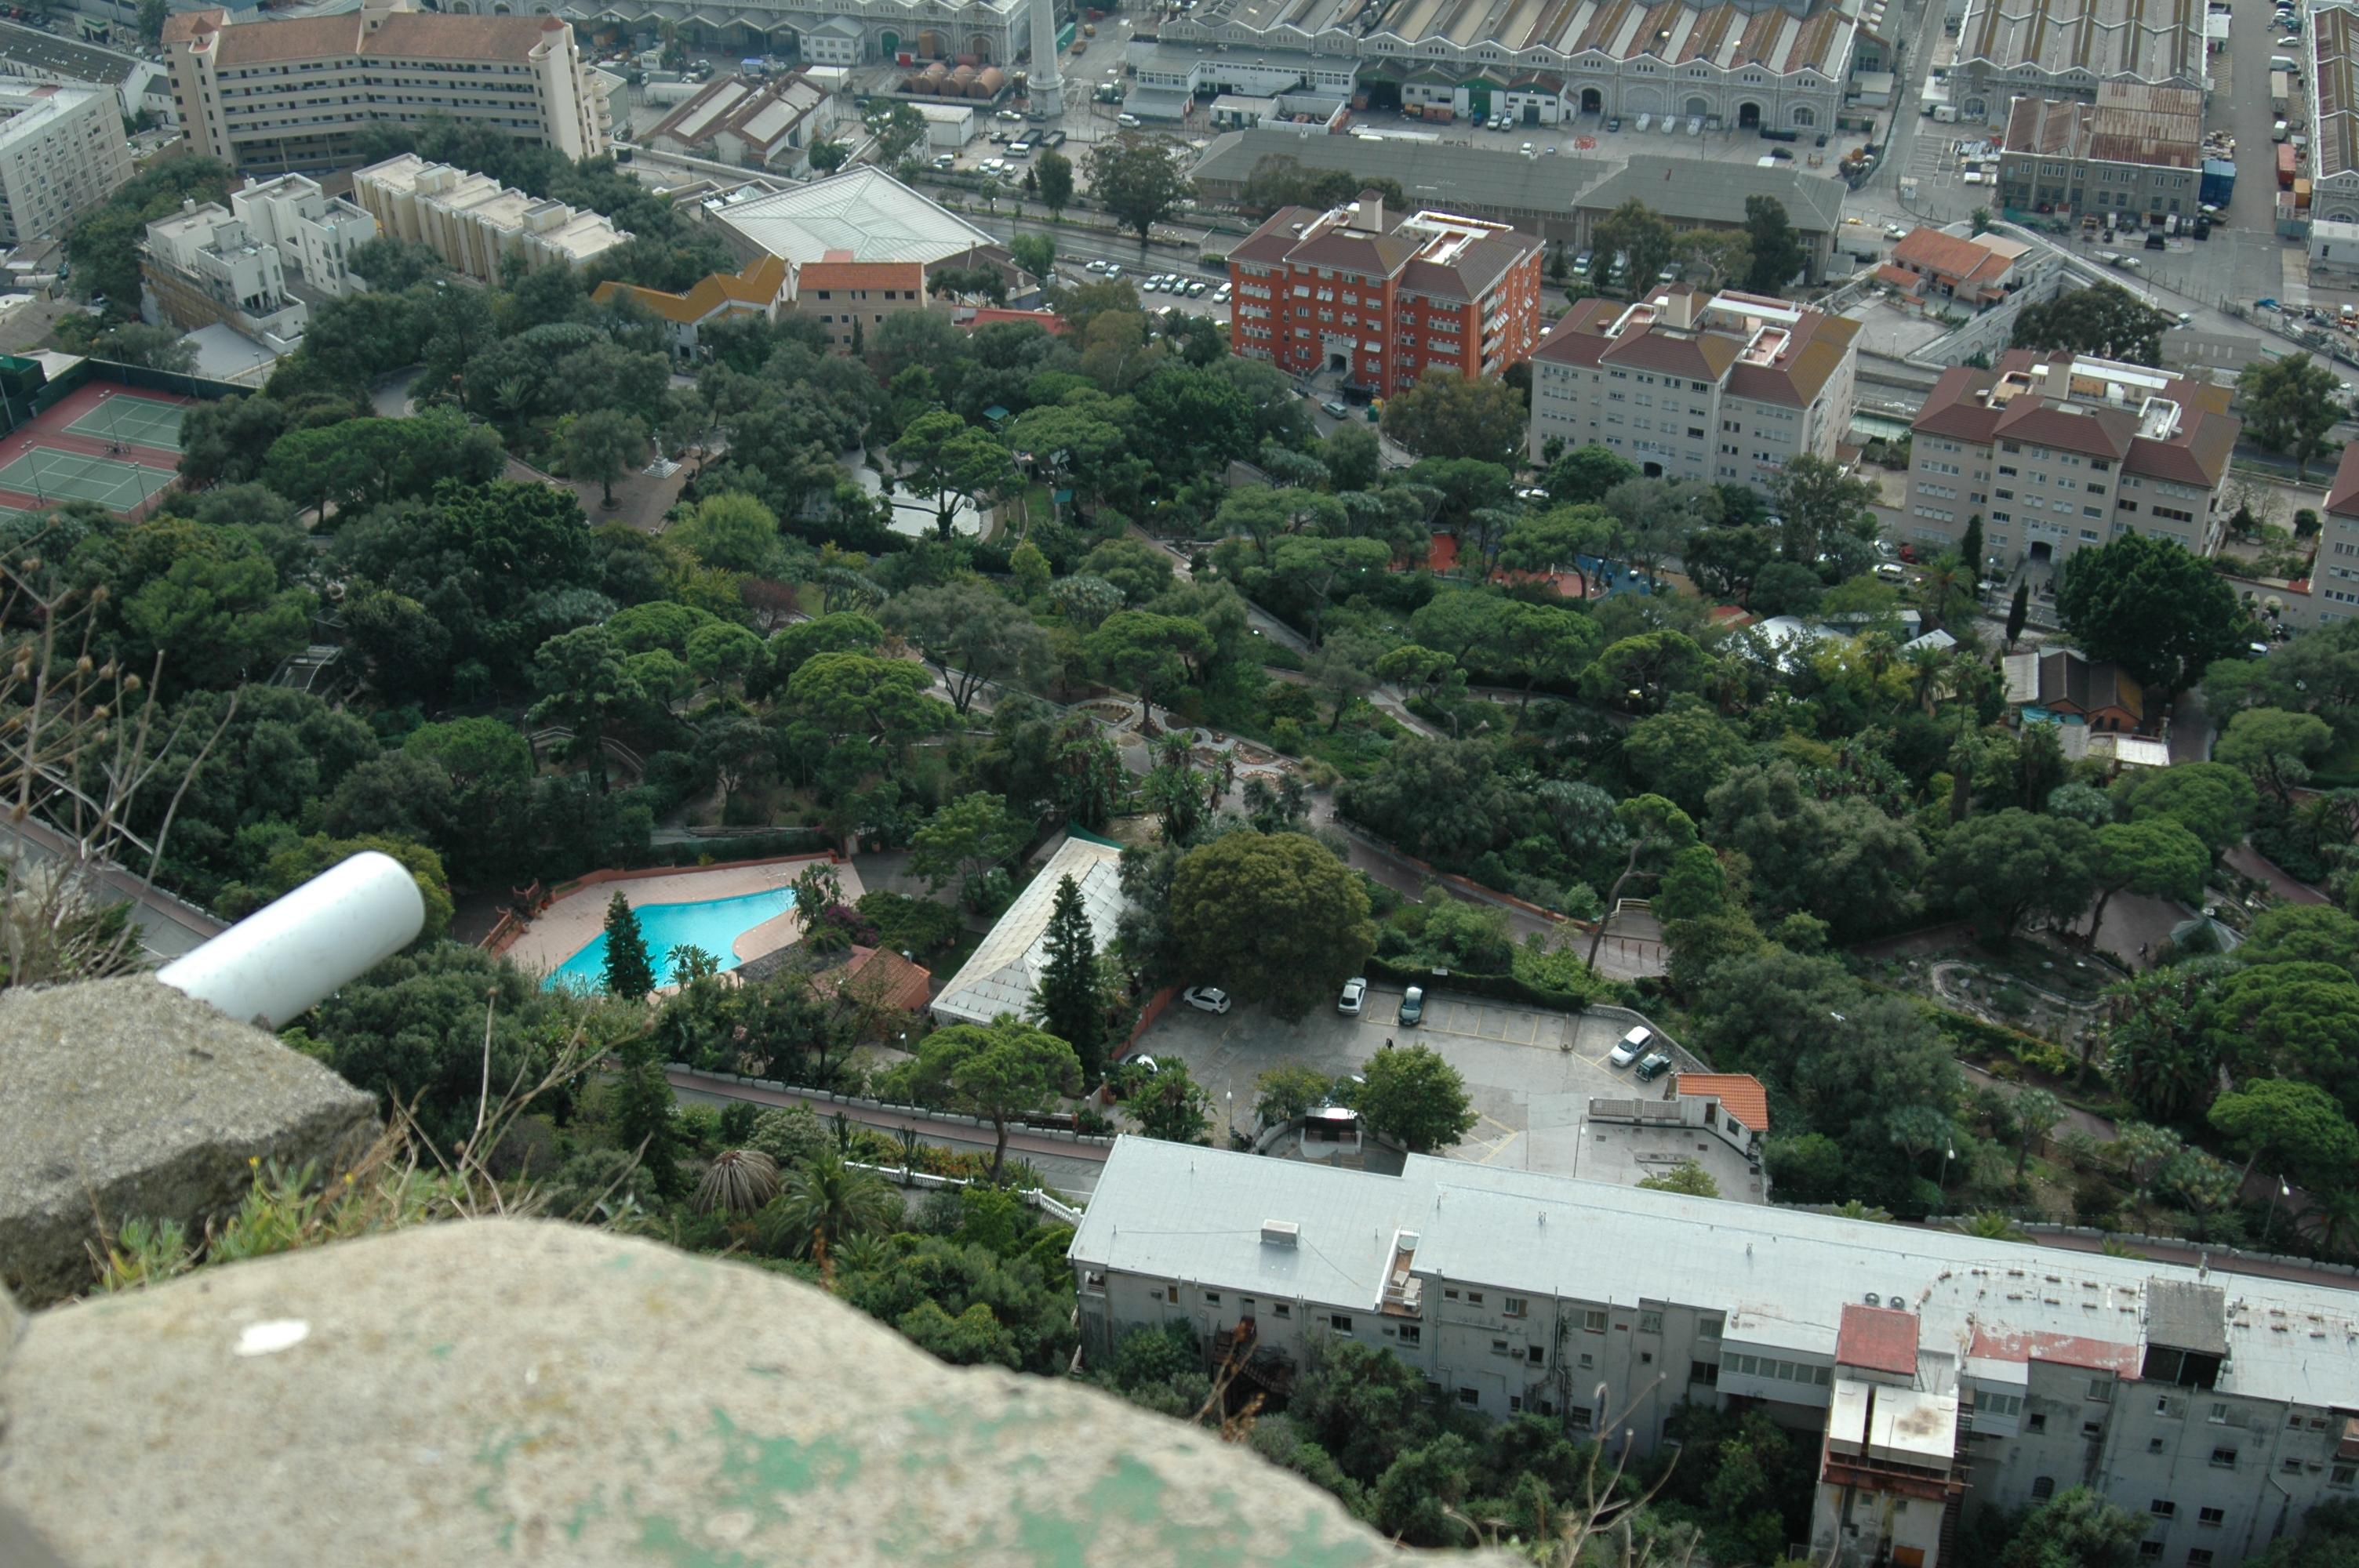 File:Gibraltar Botanic Gardens From Above.JPG